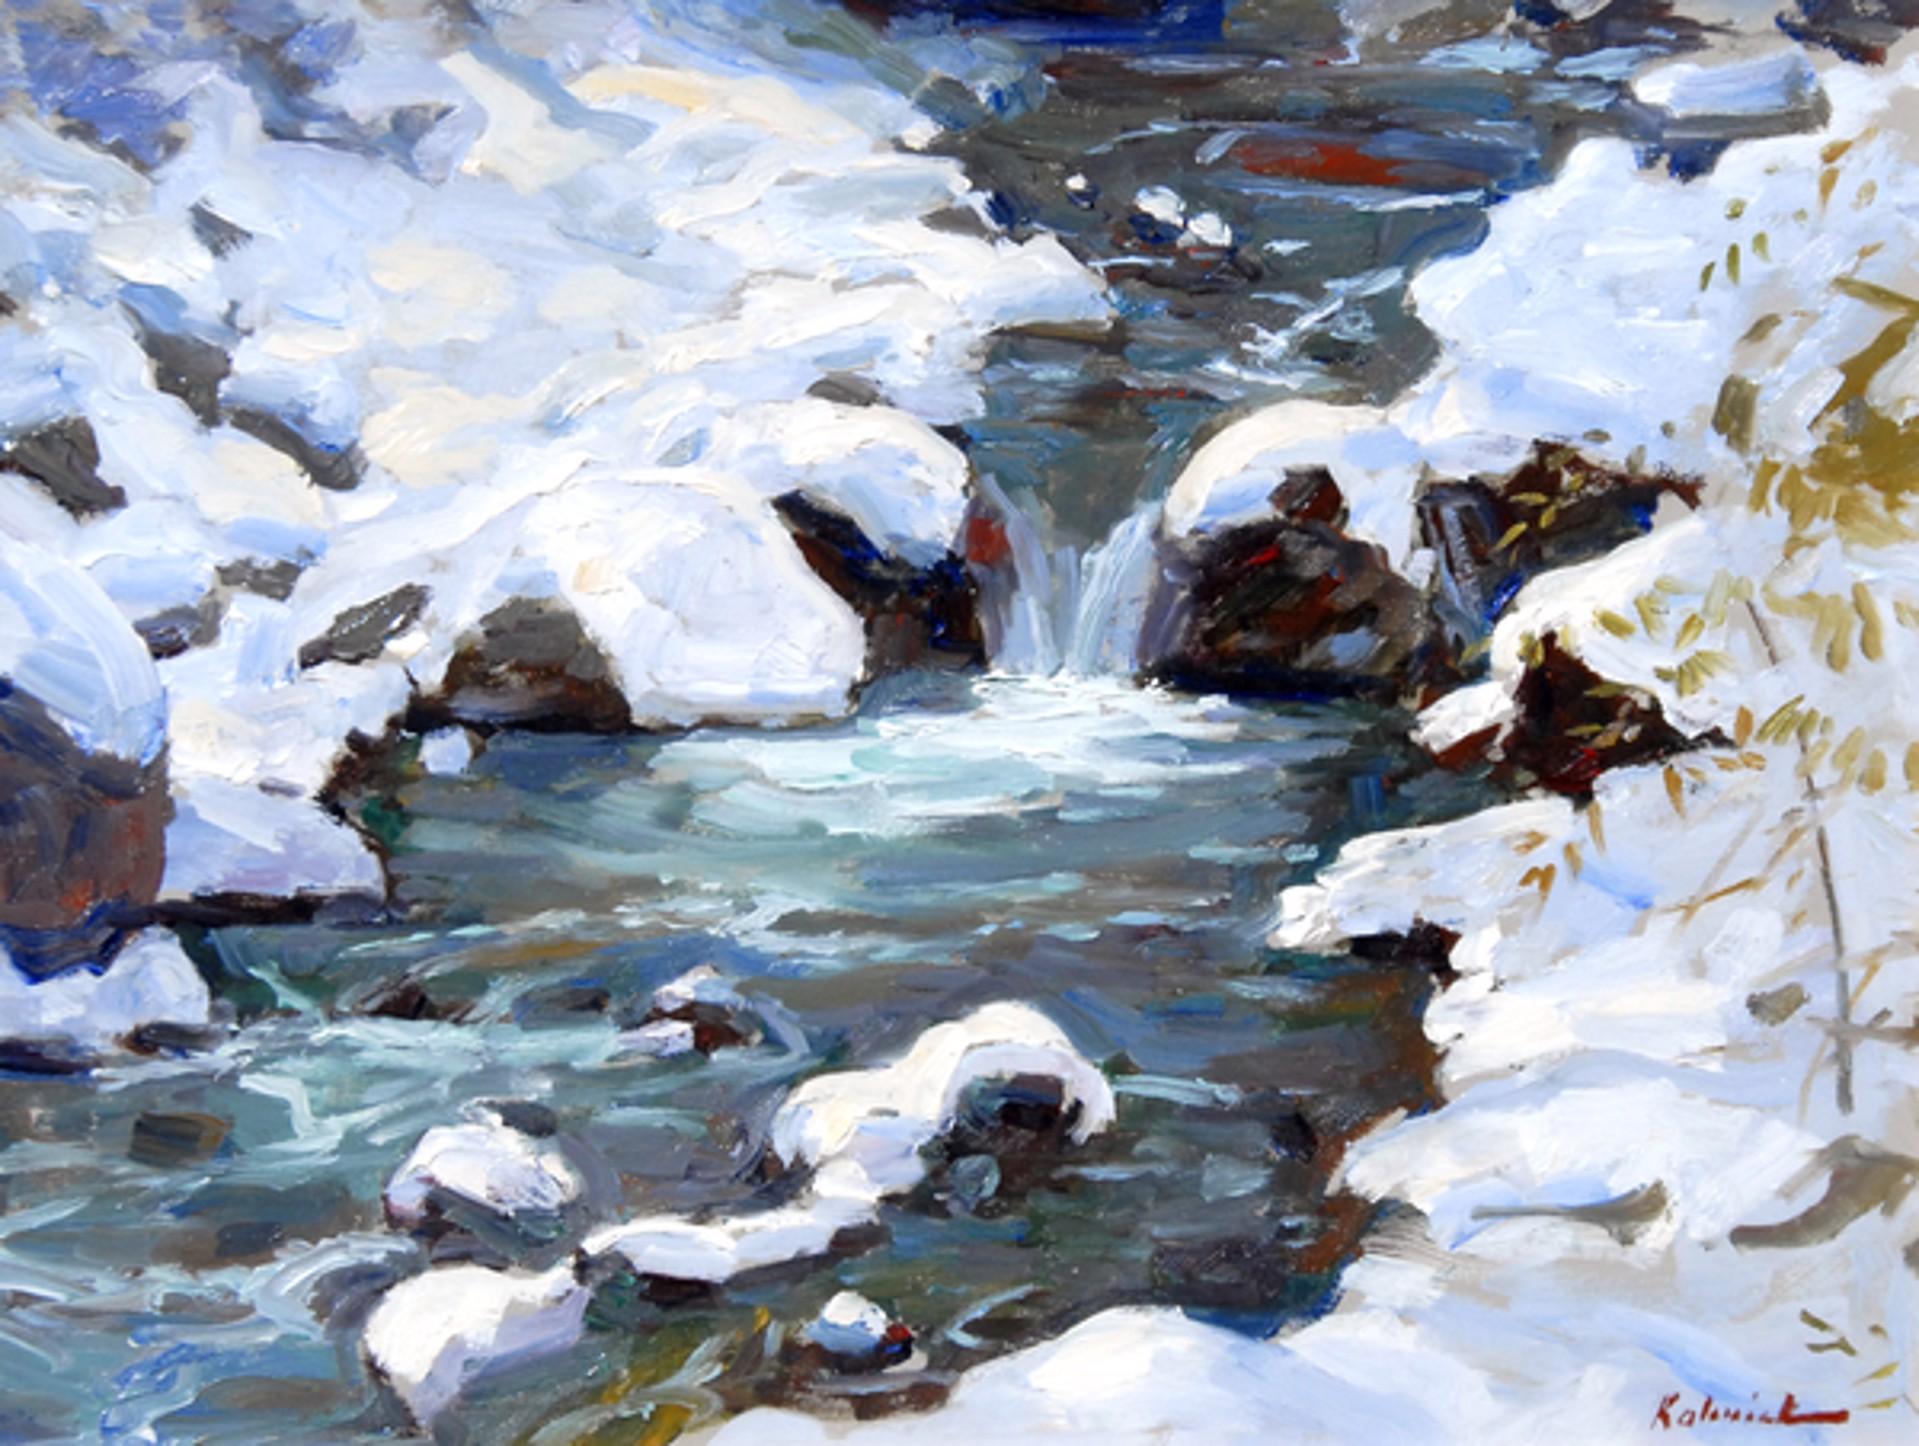 Spring Thaw by William J. Kalwick Jr.